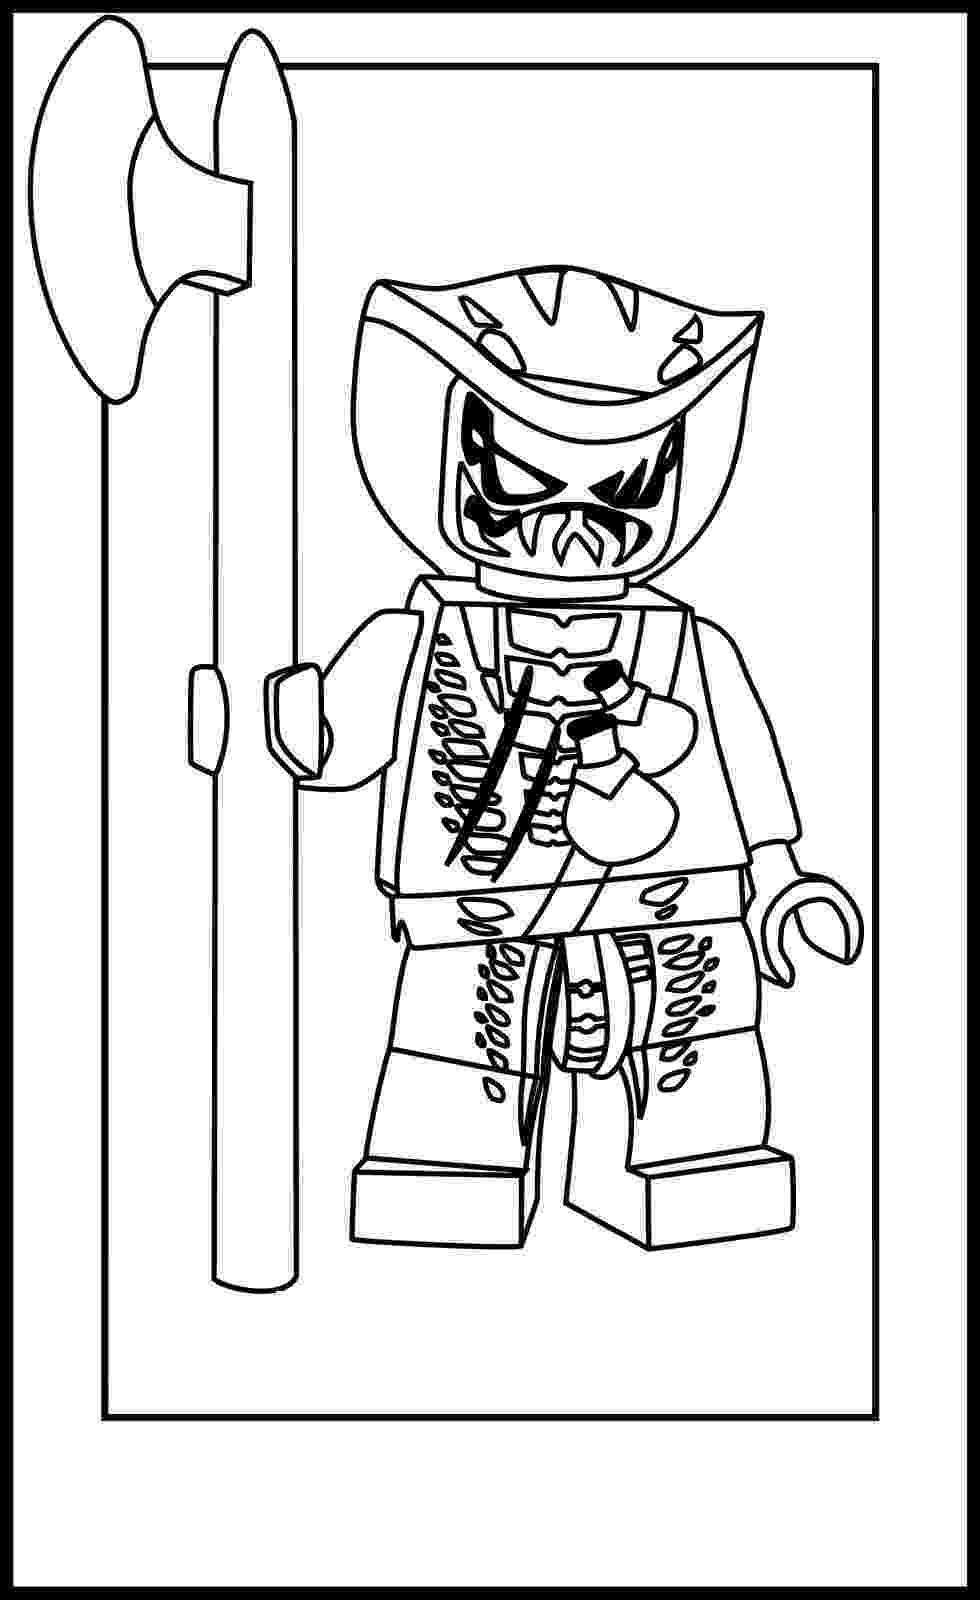 lego ninja coloring page ninjago coloring pages 360coloringpages ninja page coloring lego